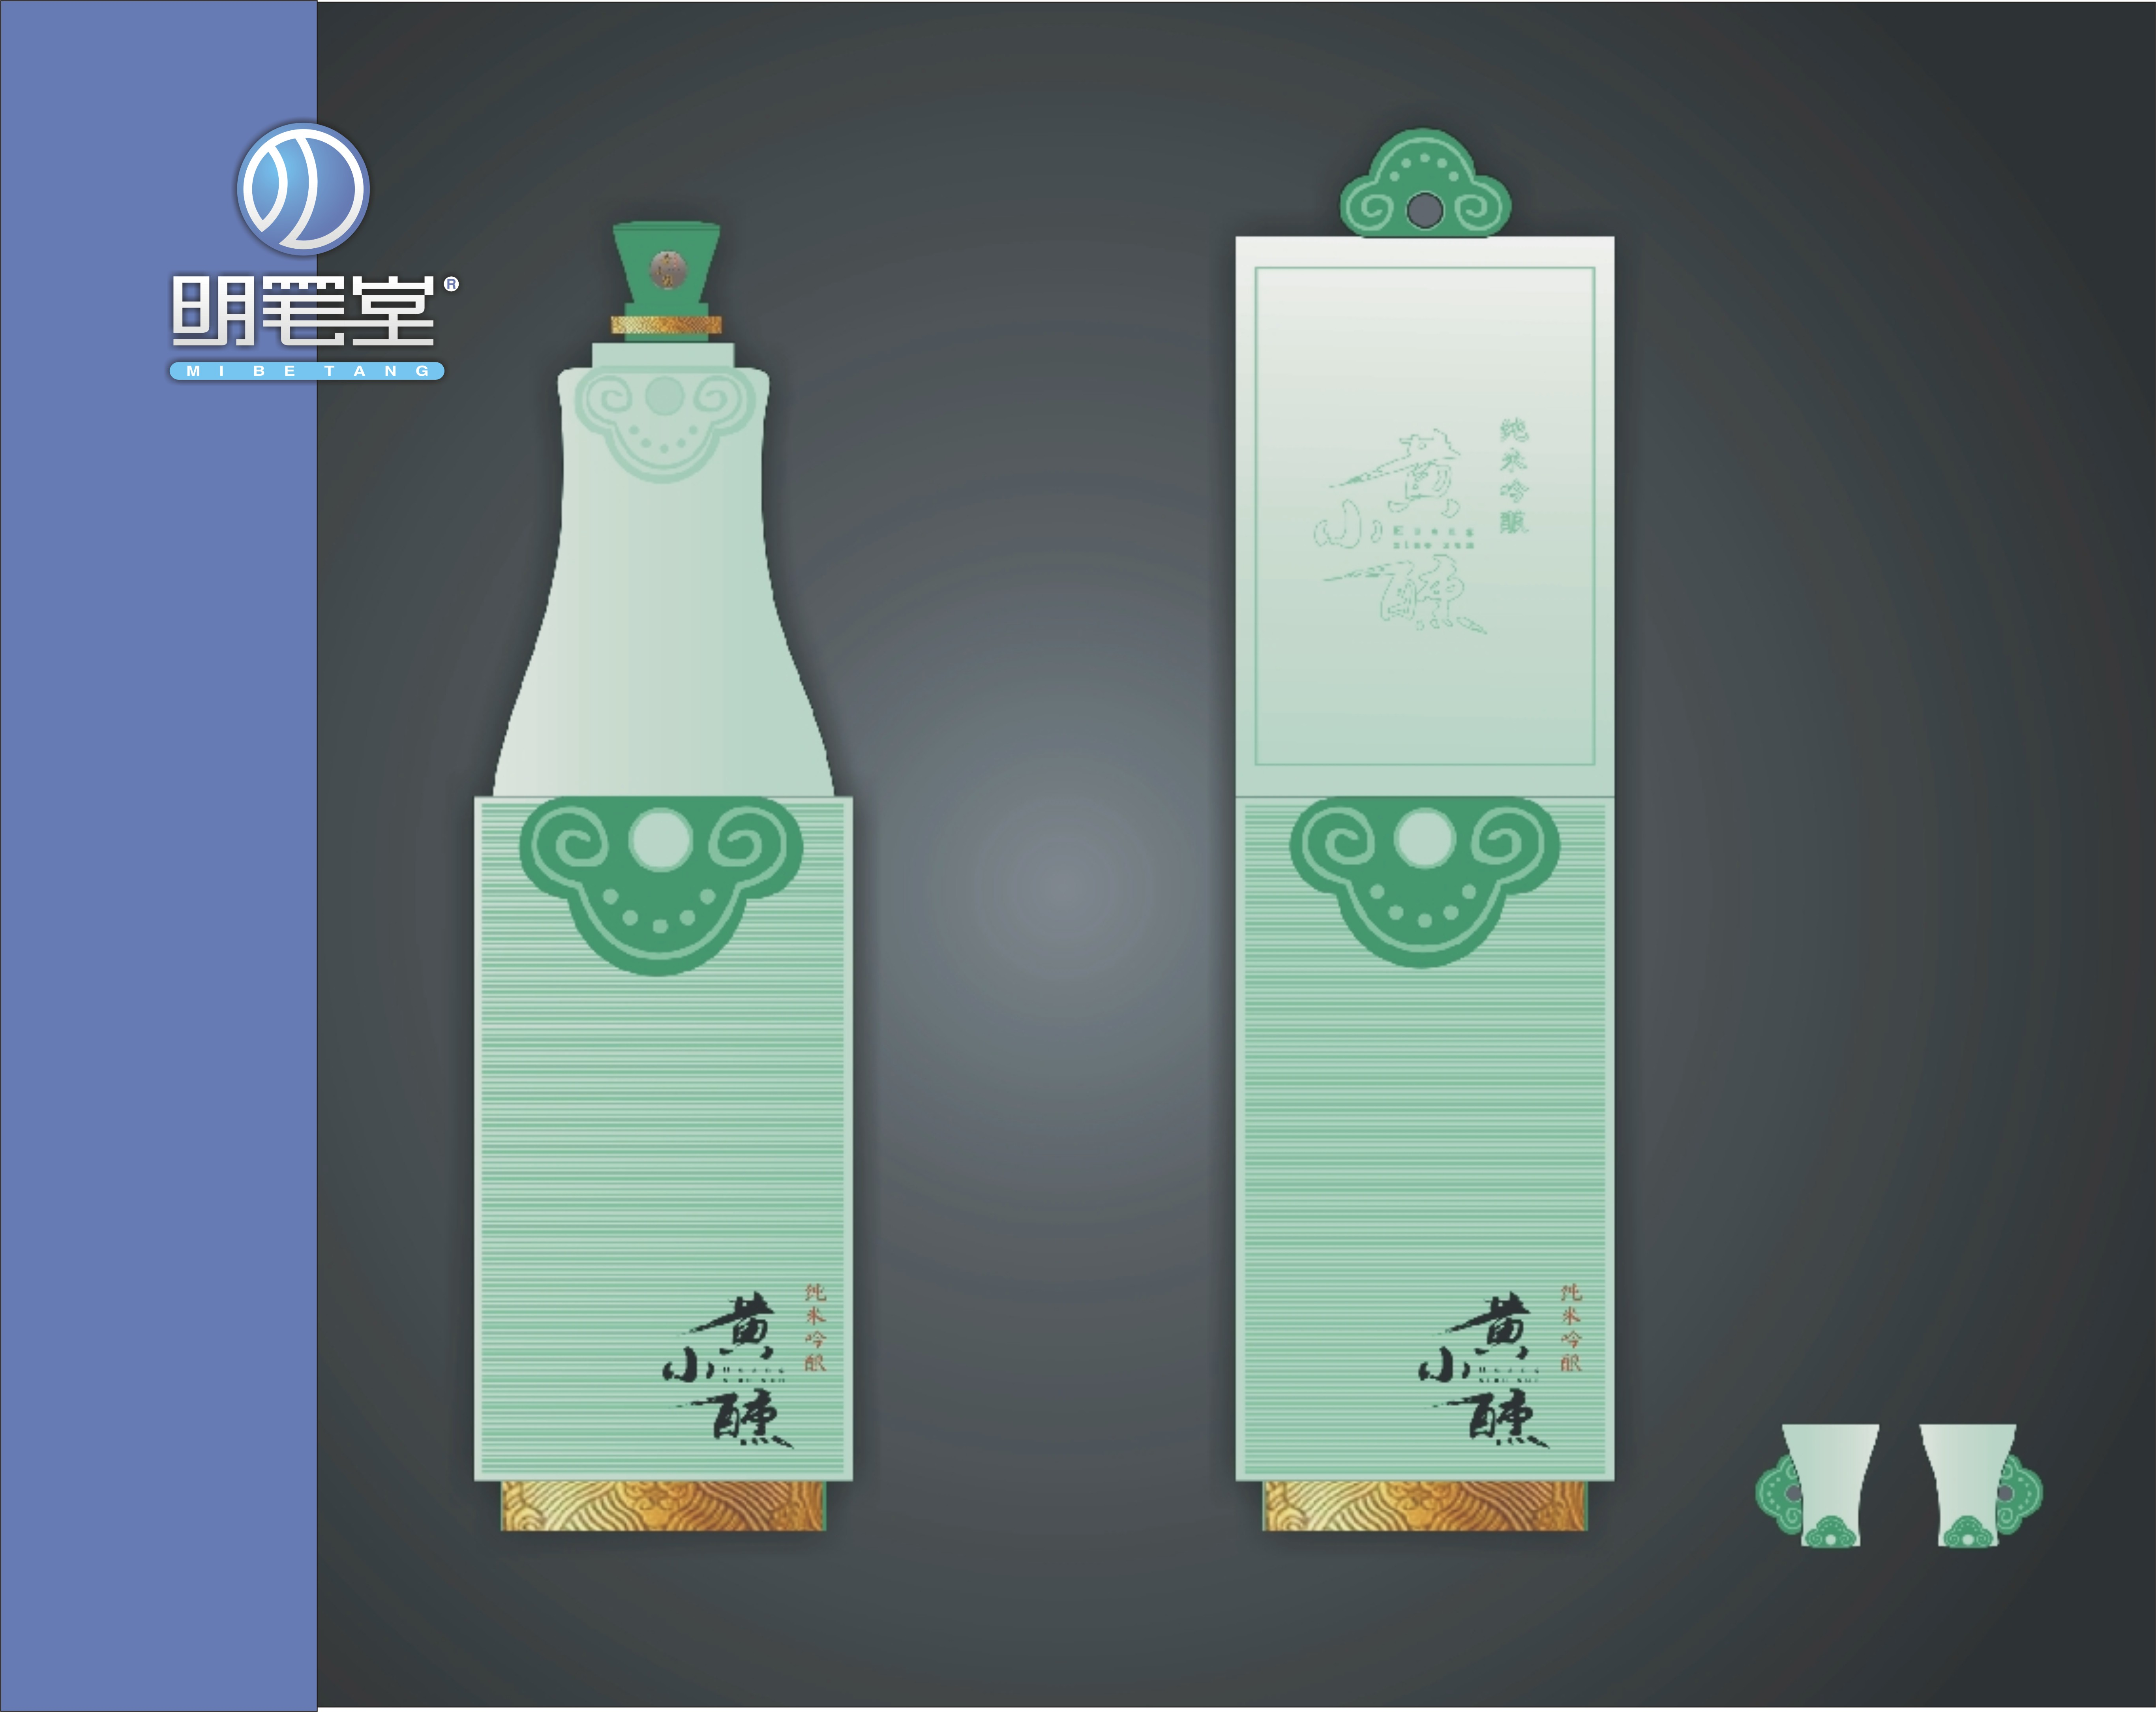 瓶型设计酒瓶设计瓶贴设计标签设计酒盒包装设计礼盒套装设计